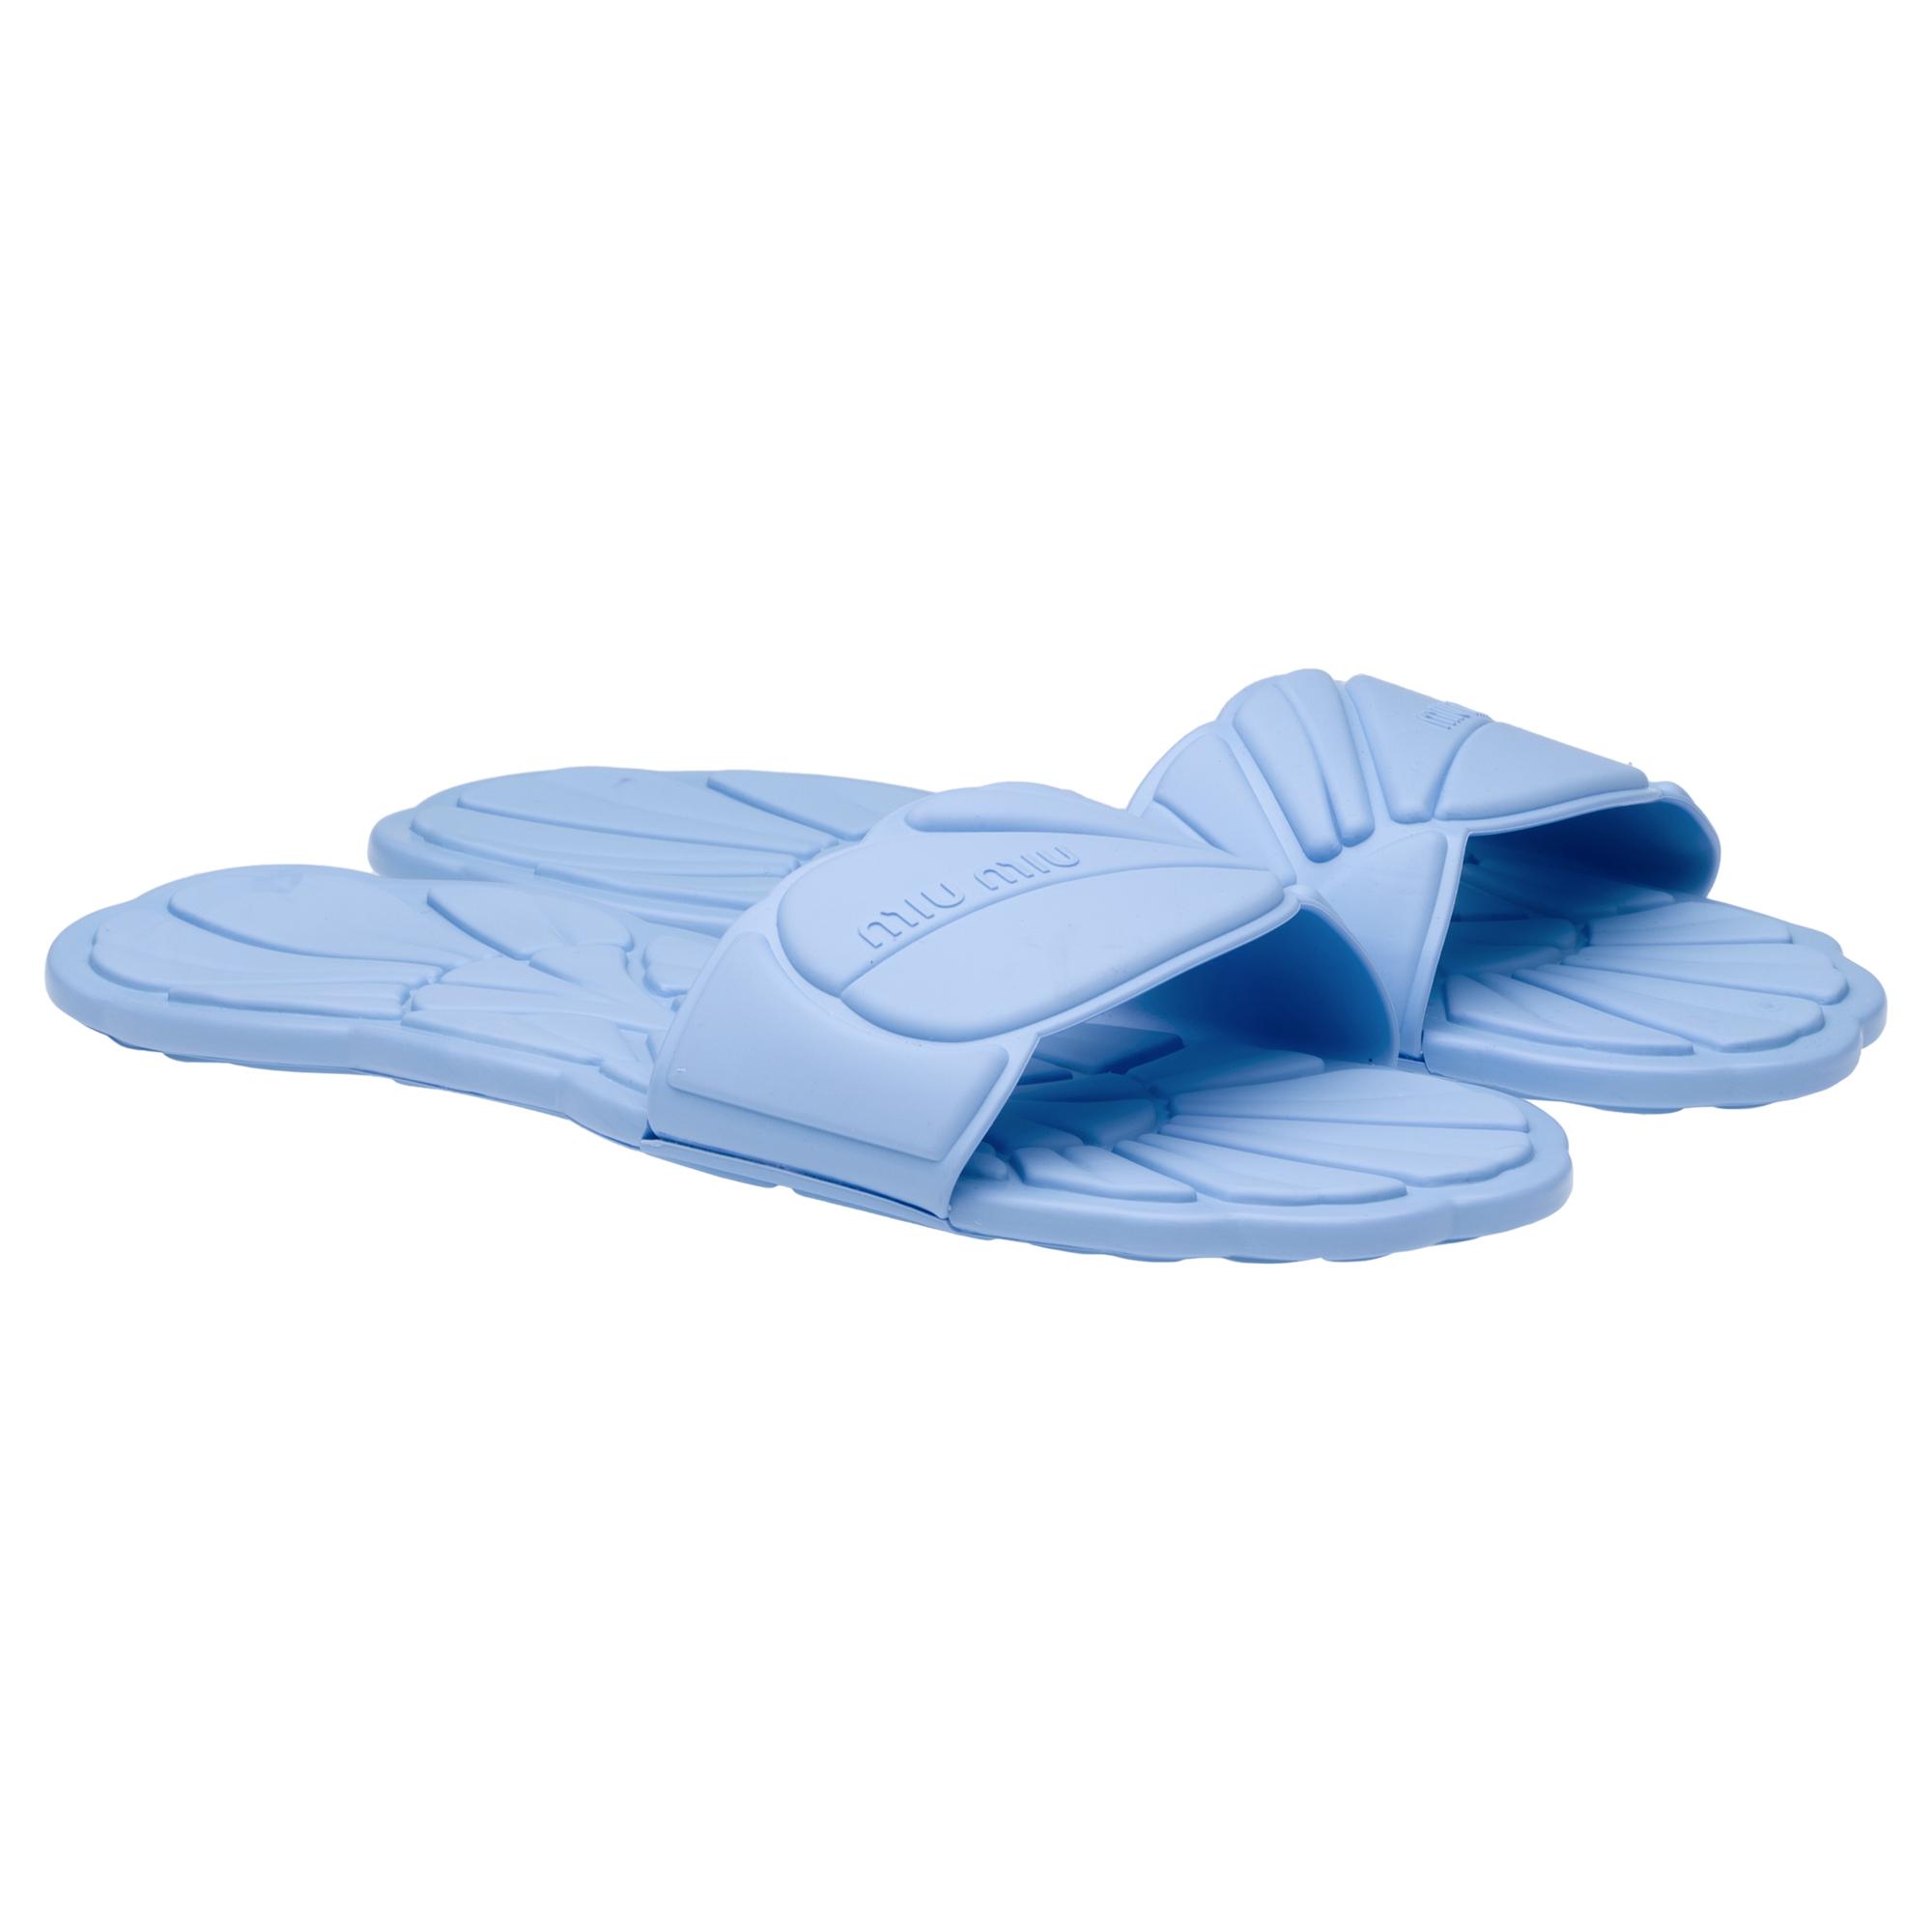 8 ciabatte da piscina da indossare anche in citt - Ciabatte da piscina ...